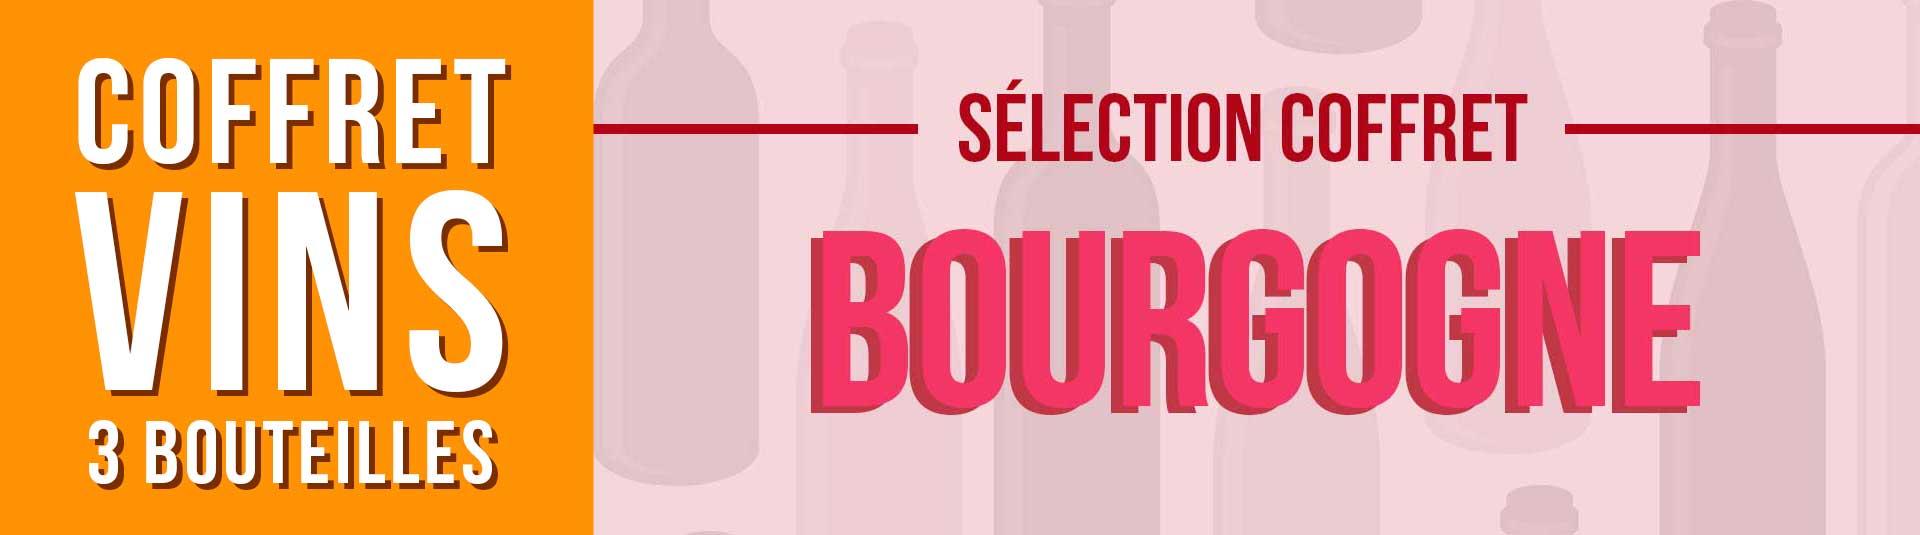 Coffret vin rouge Bourgogne Sélection 3 bouteilles